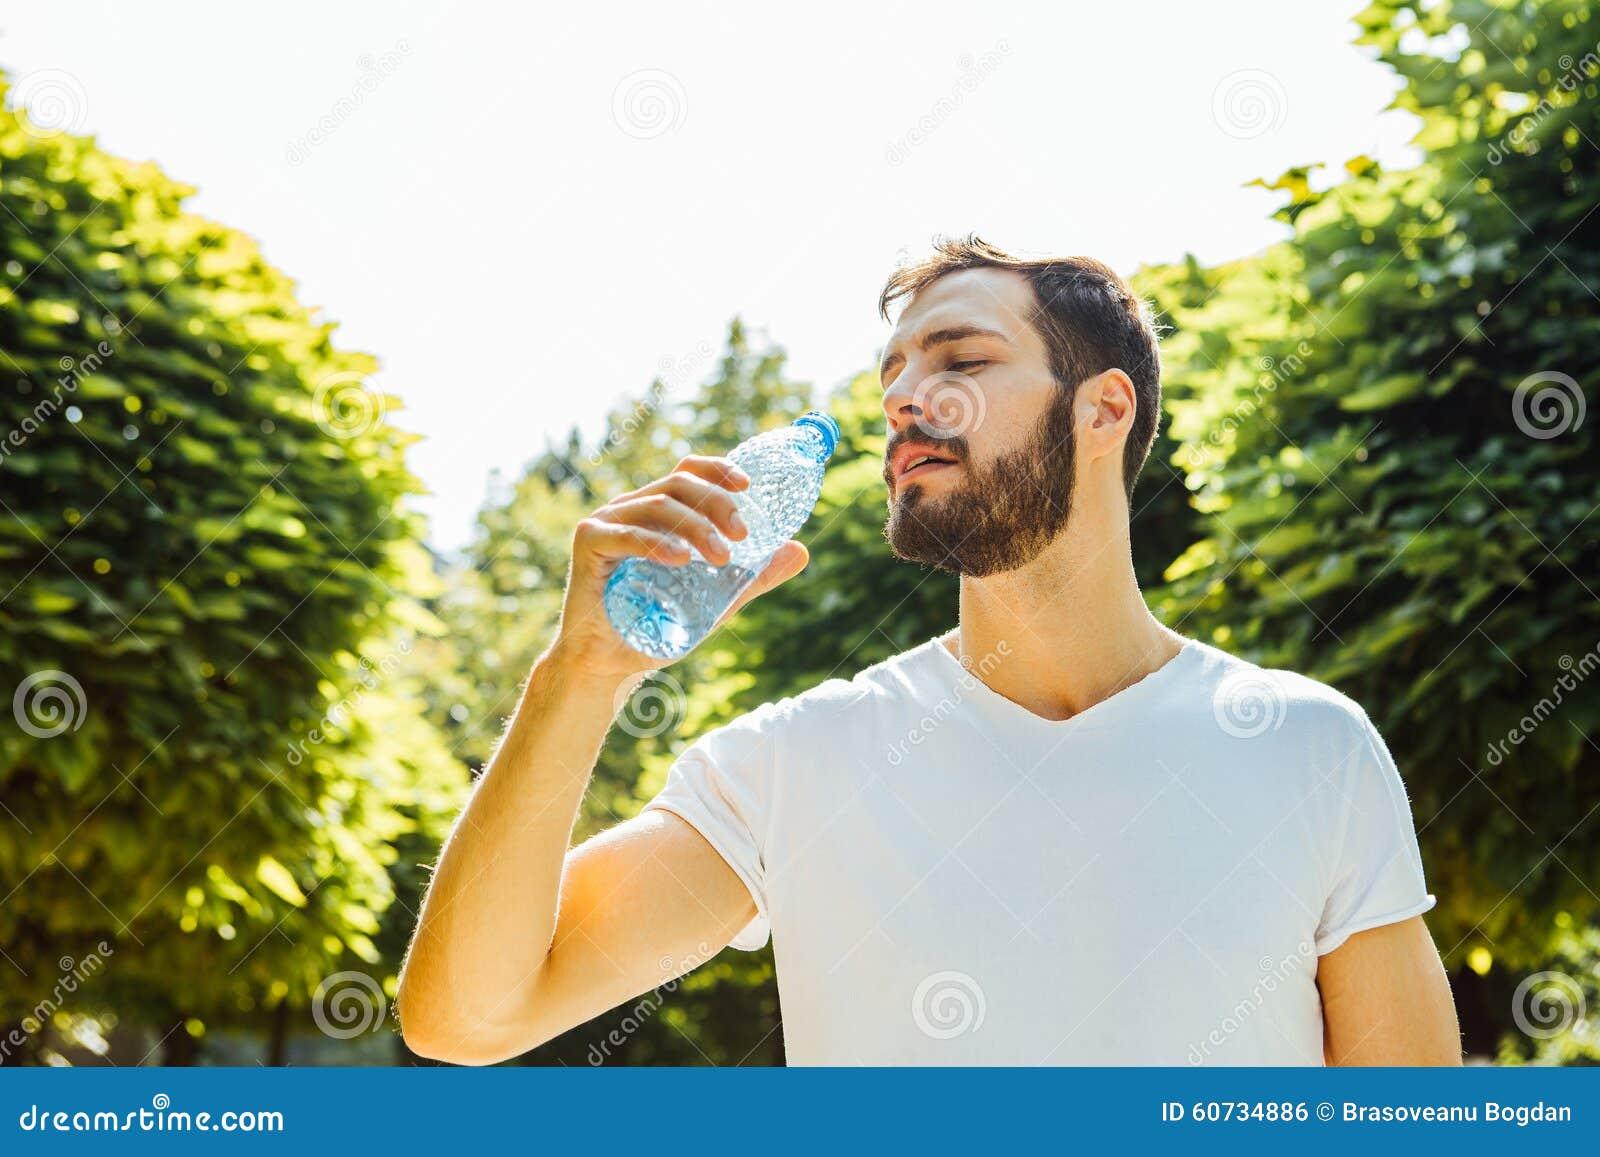 Trinkwasser des erwachsenen Mannes von einer Flasche draußen